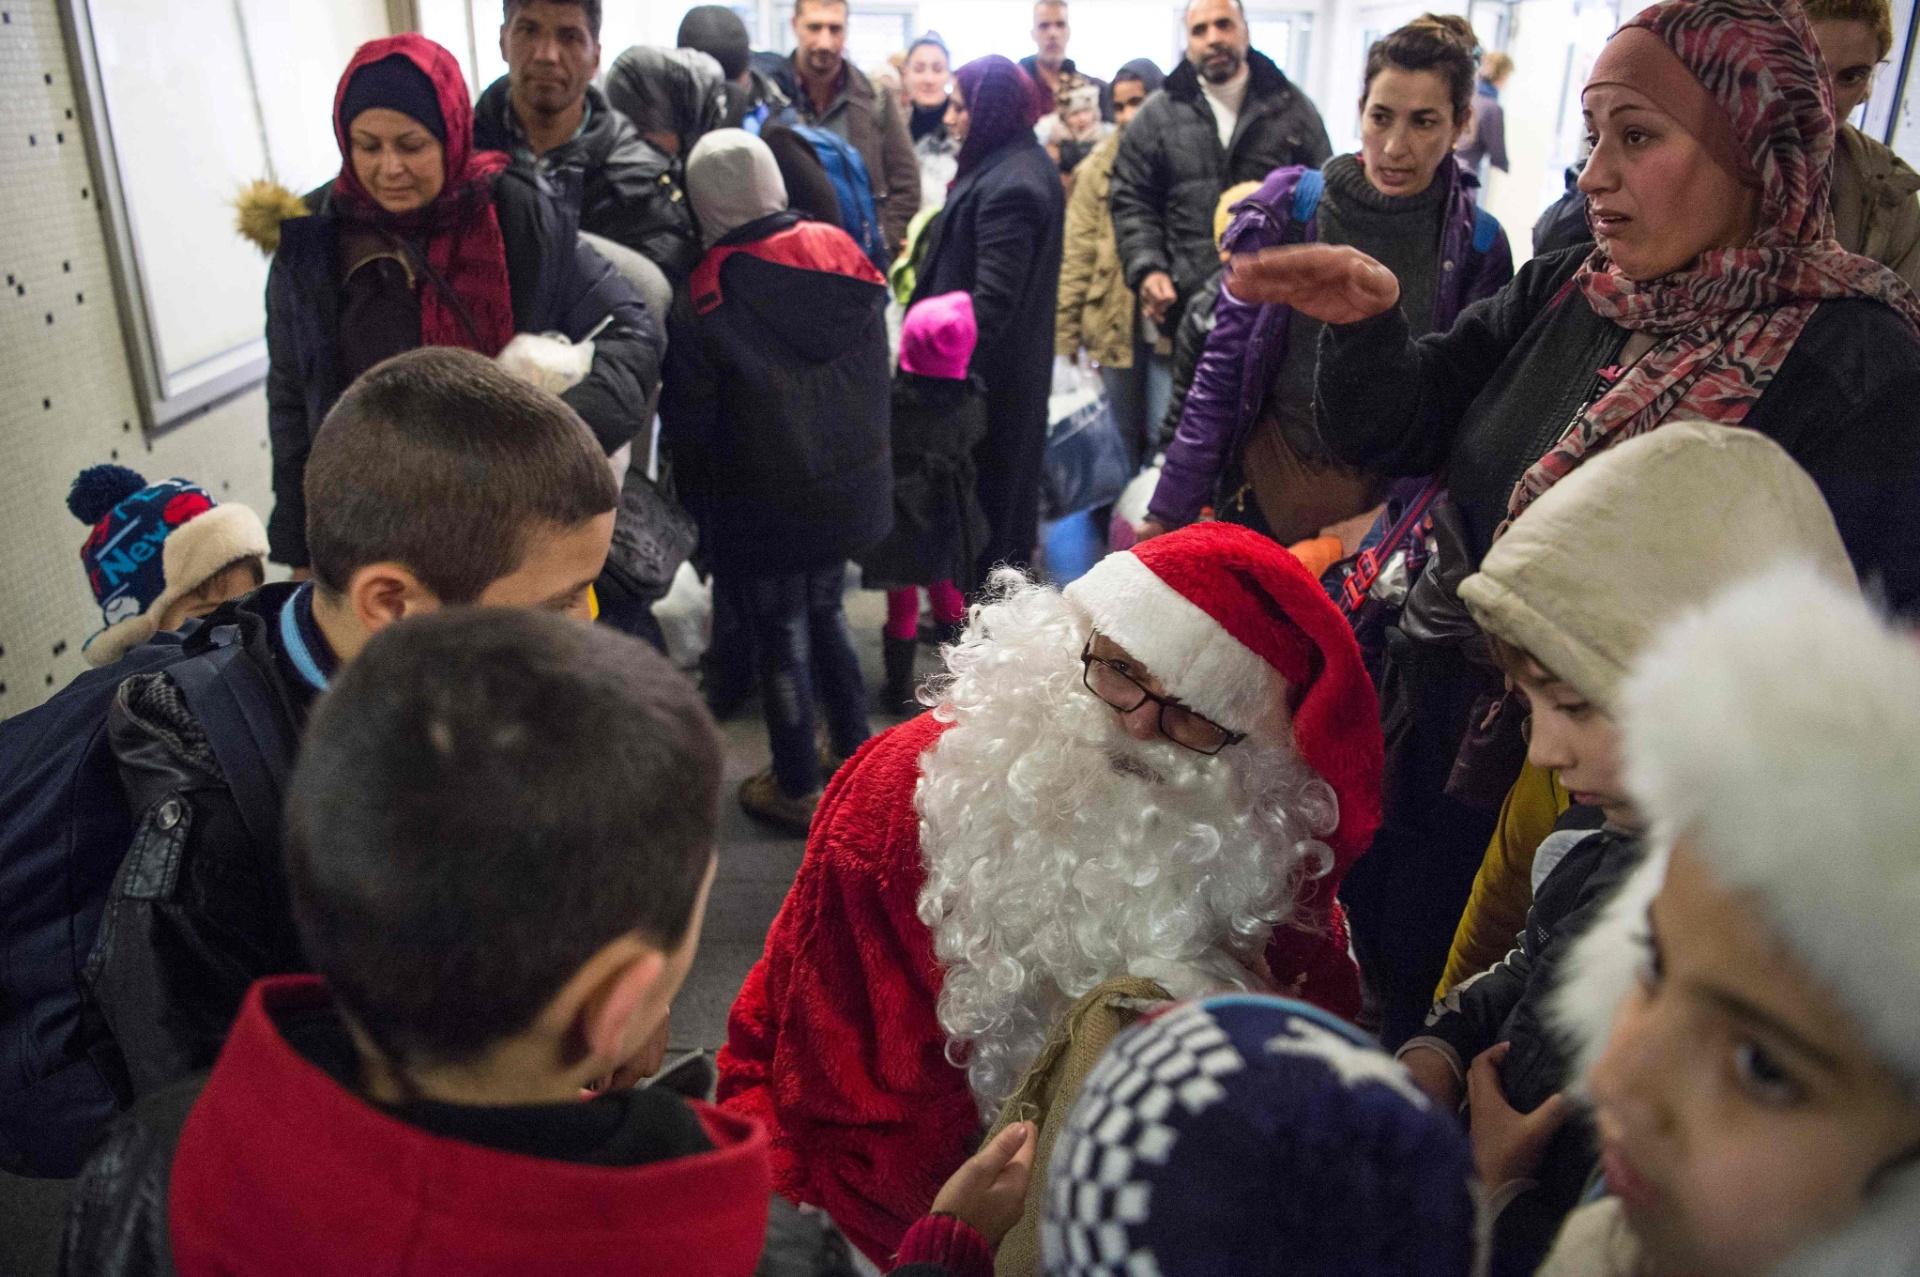 24.dez.2015 - Voluntário vestido de Papai Noel distribui presentes para filhos de refugiados que permanecem na estação de trem Schoenefeld, perto de Berlim, na Alemanha, antes de serem enviados a acampamentos